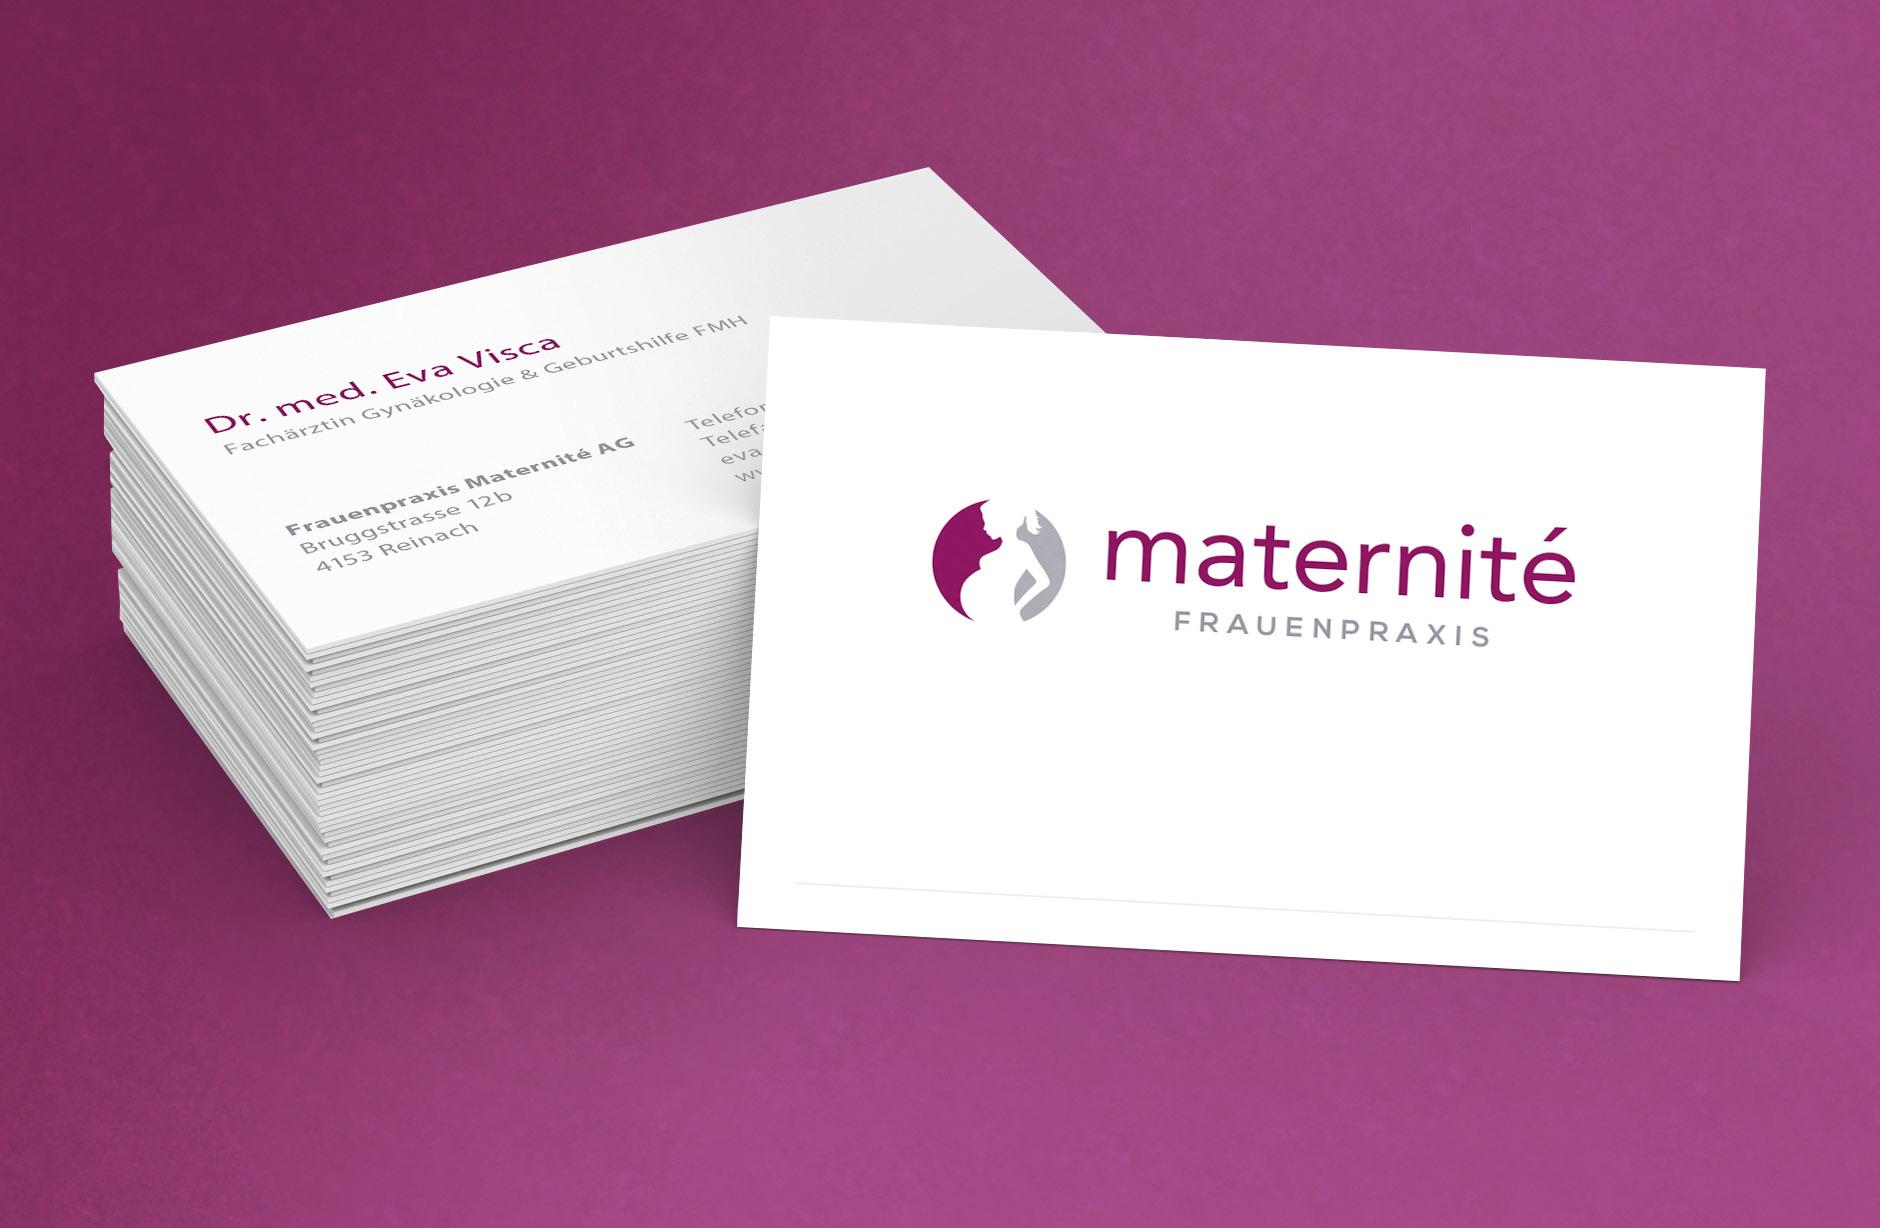 Frauenpraxis Maternité Visitenkarten